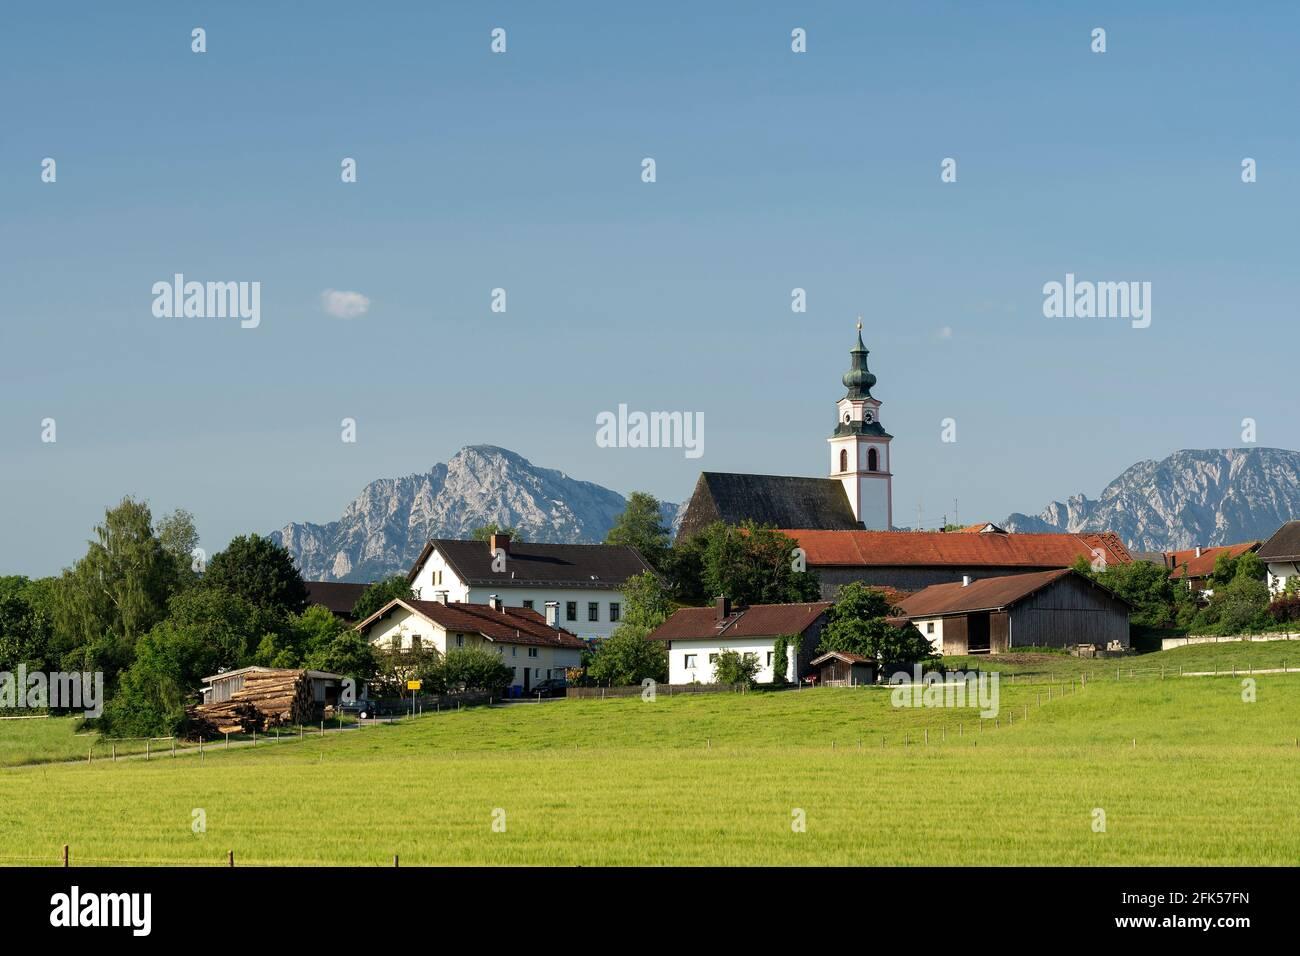 Weildorf mit Kirche und Hochstaufen und Zwiesel im Hintergrund, Gemeinde Teisendorf, Bayern, Deutschland Stockfoto